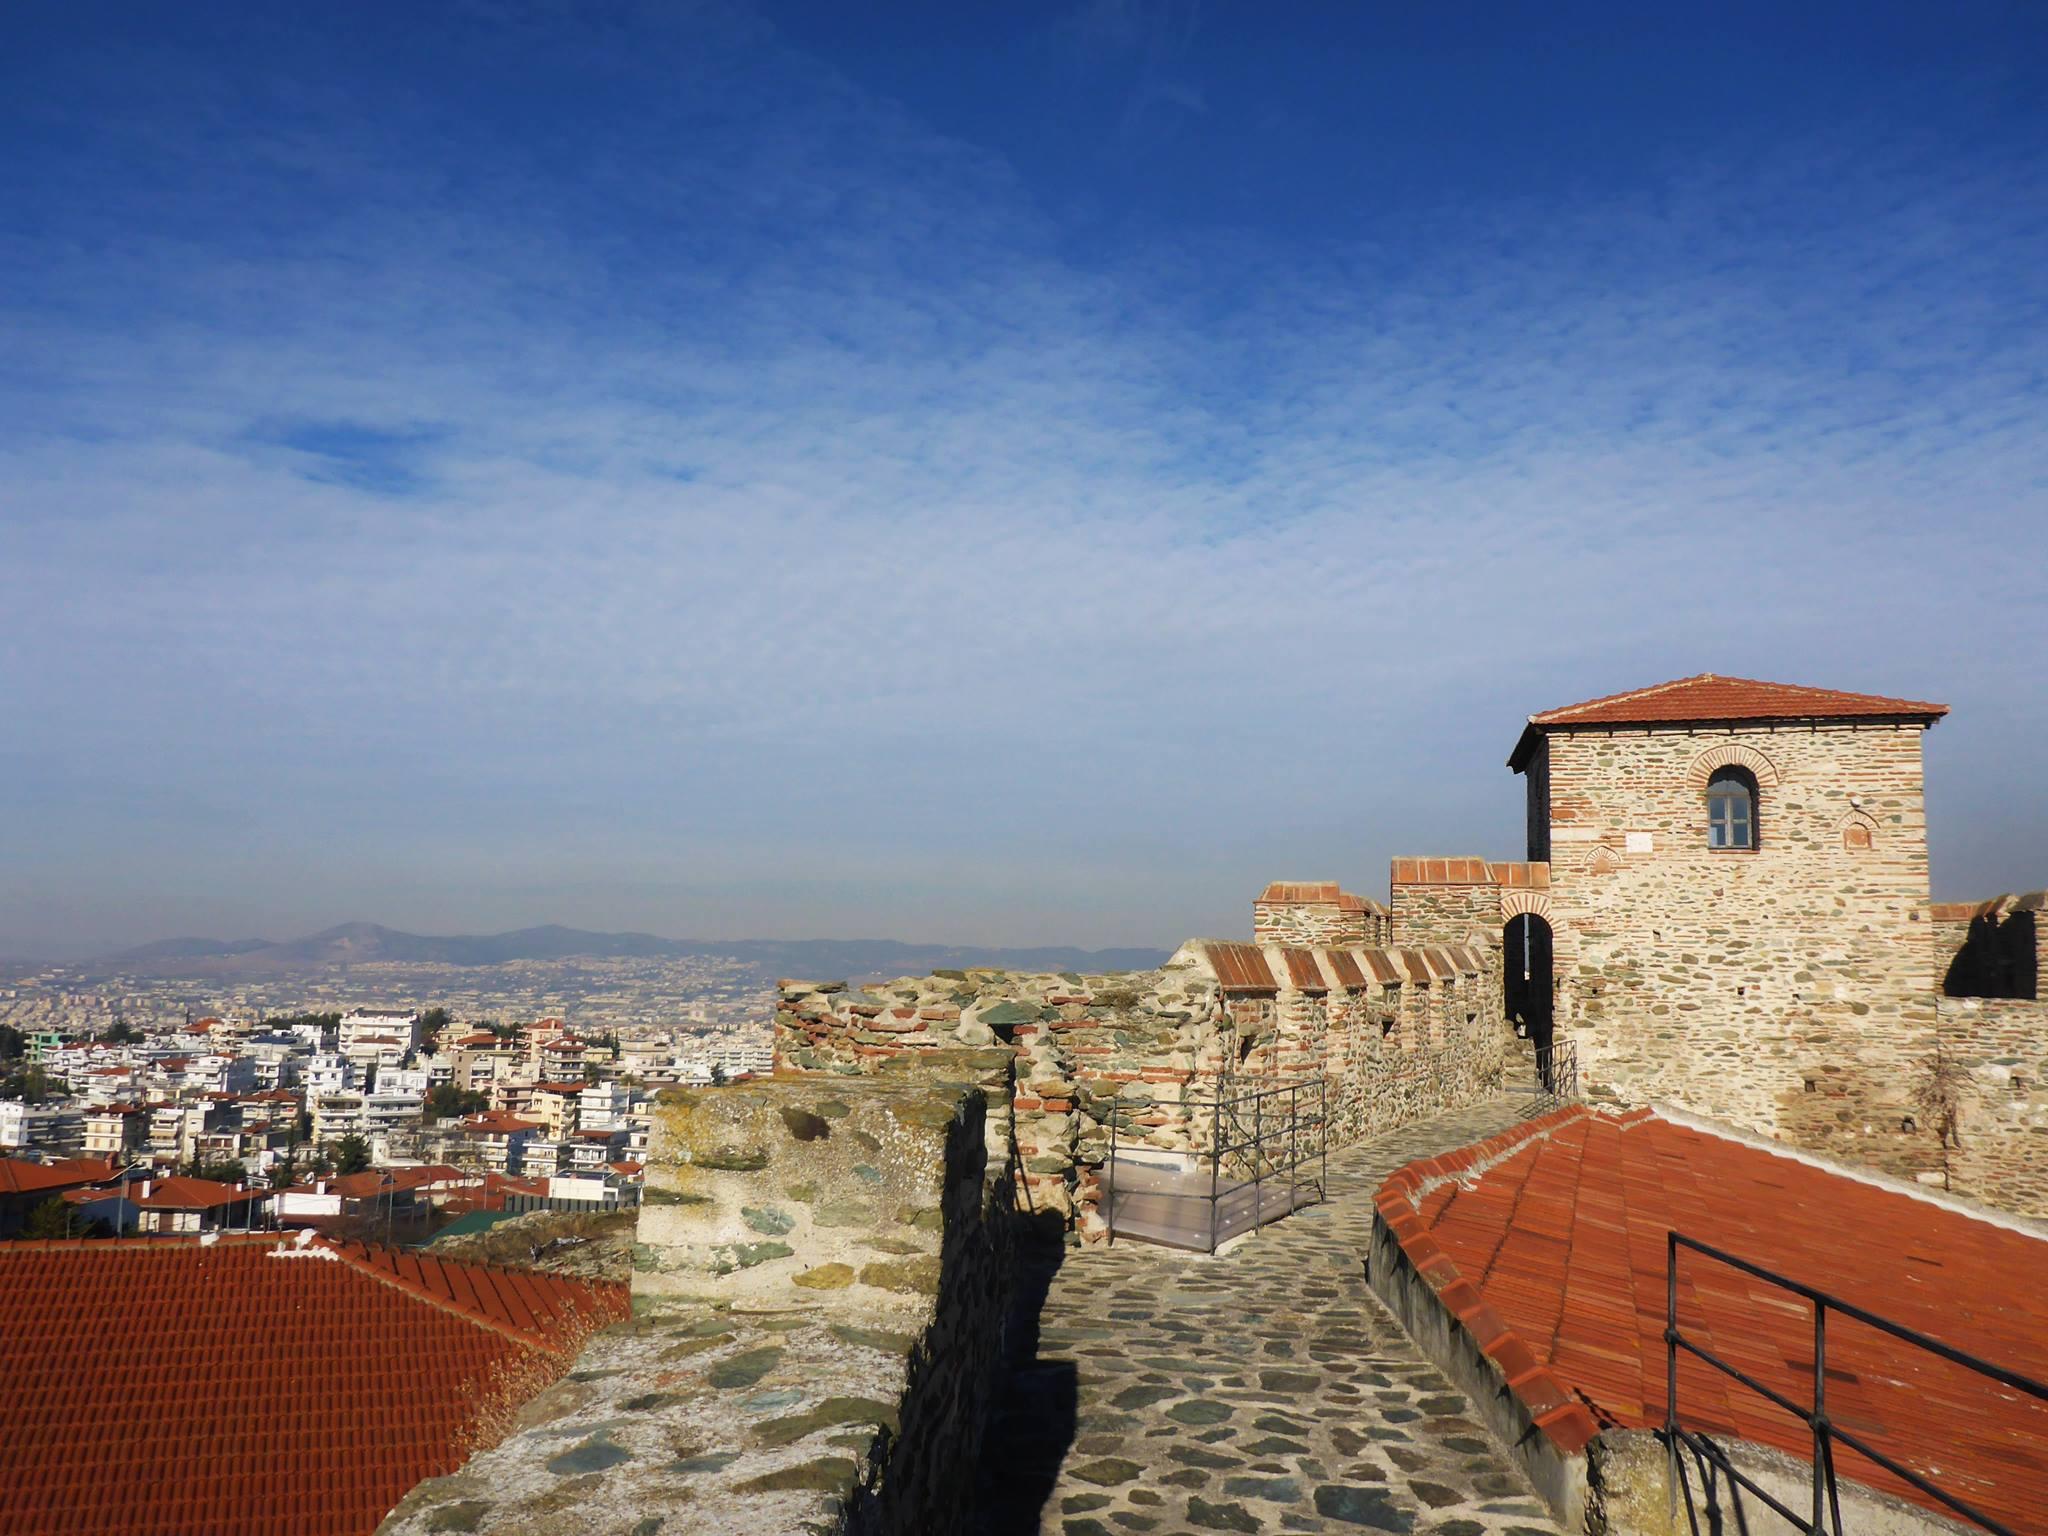 J'arrive à la ville de Thessalonique où je reste deux semaines